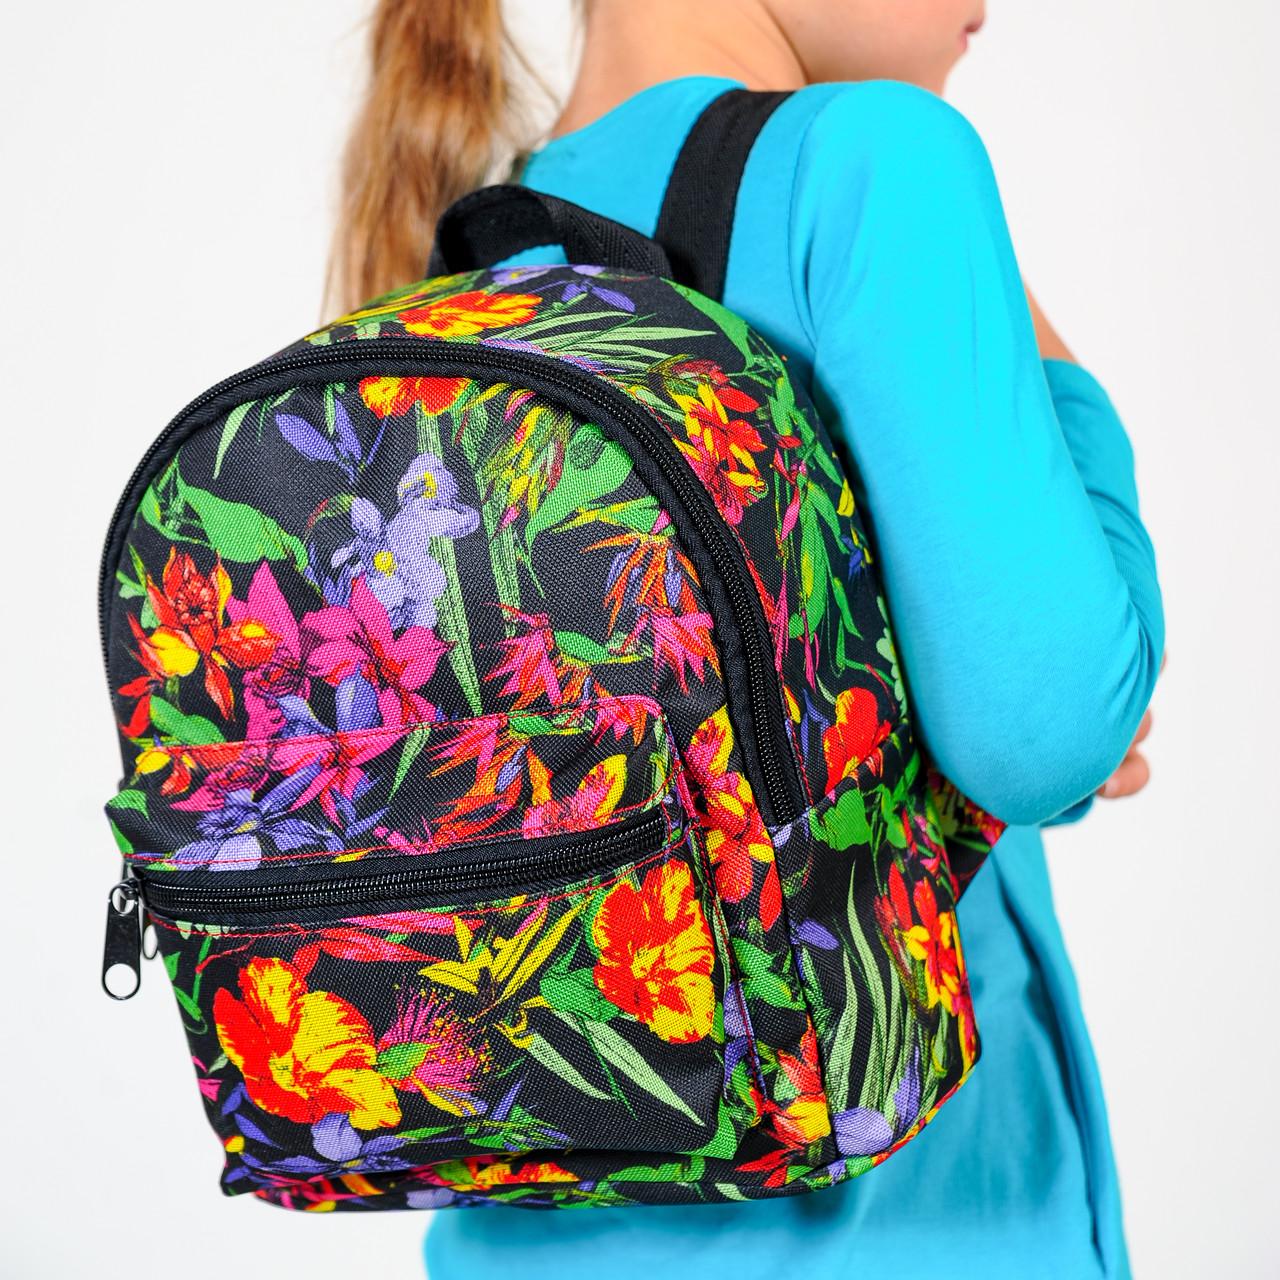 520664f779c7 Детский рюкзак с цветочным принтом - Market Trends в Хмельницком